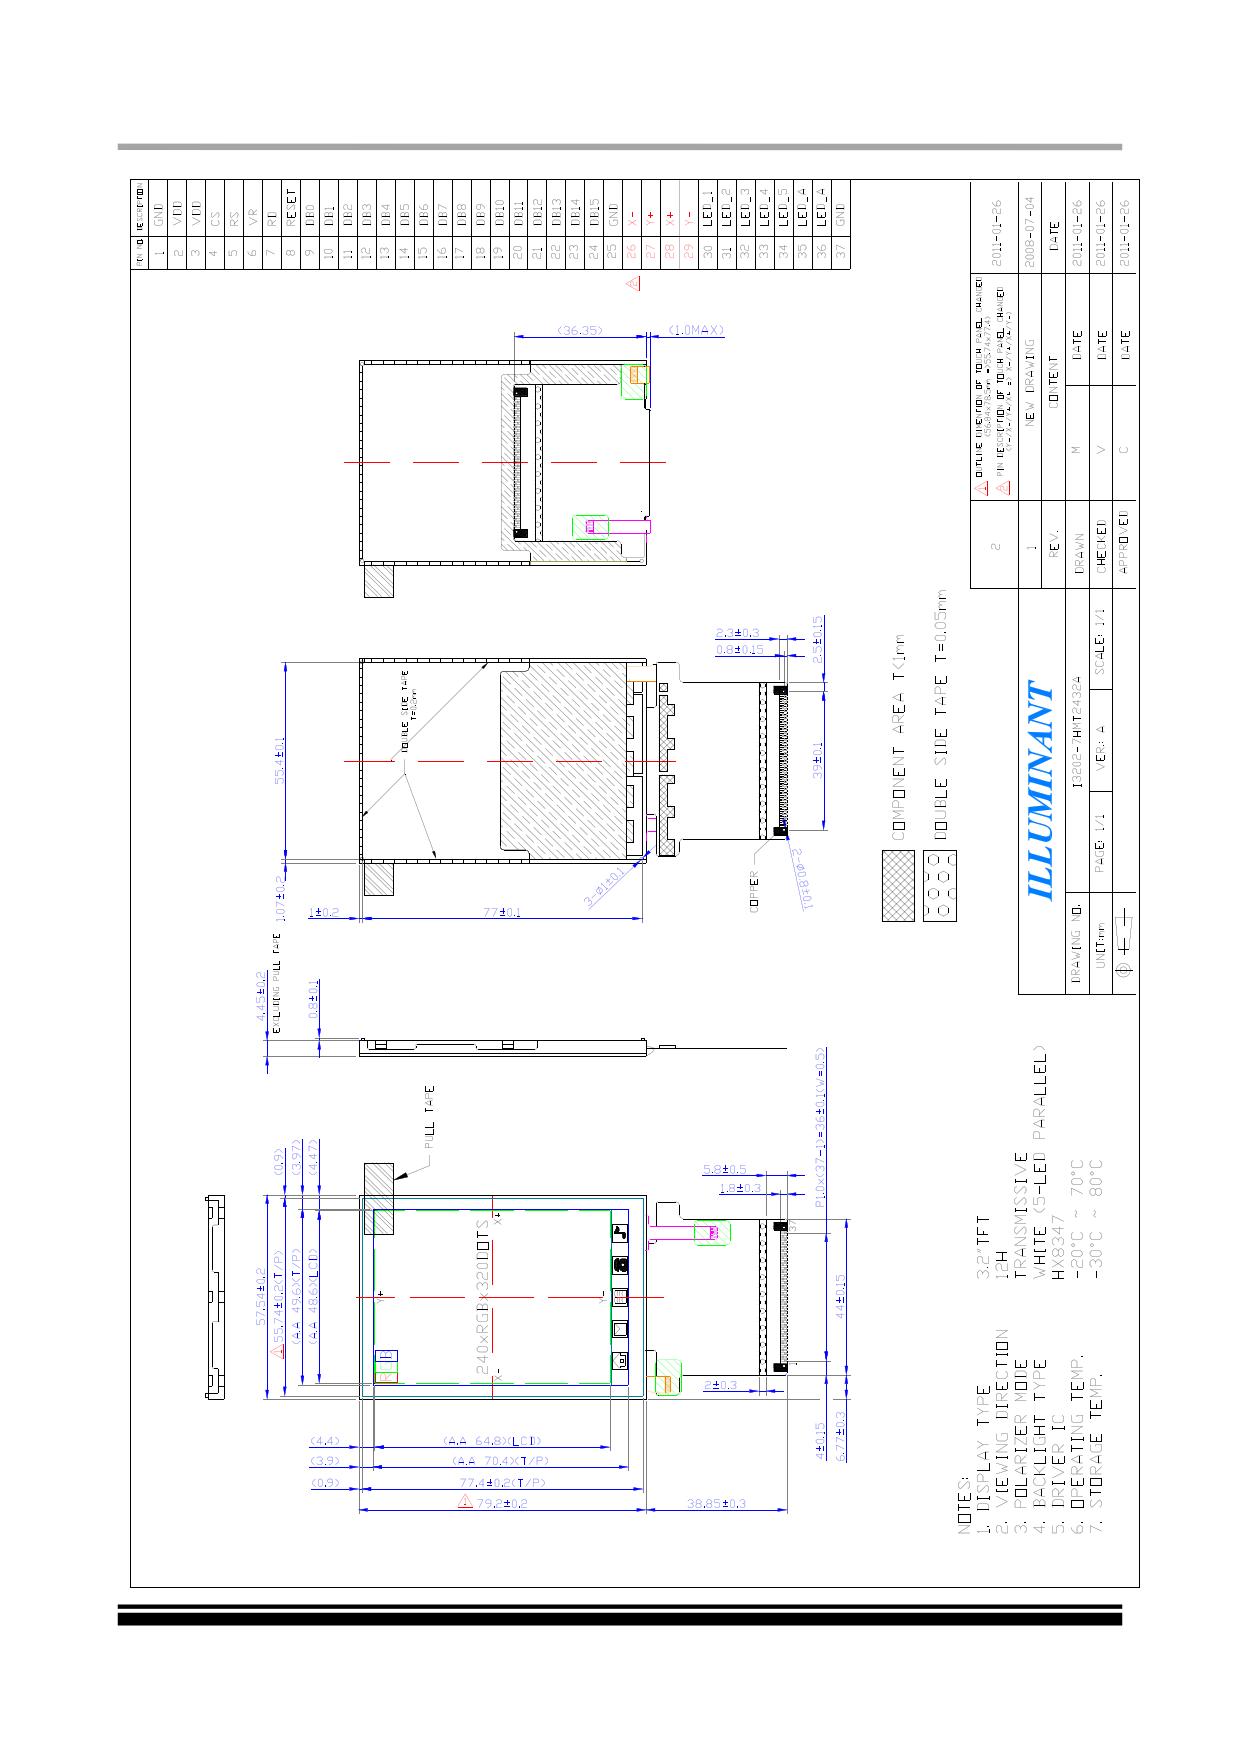 I3202-7HMT2432A pdf